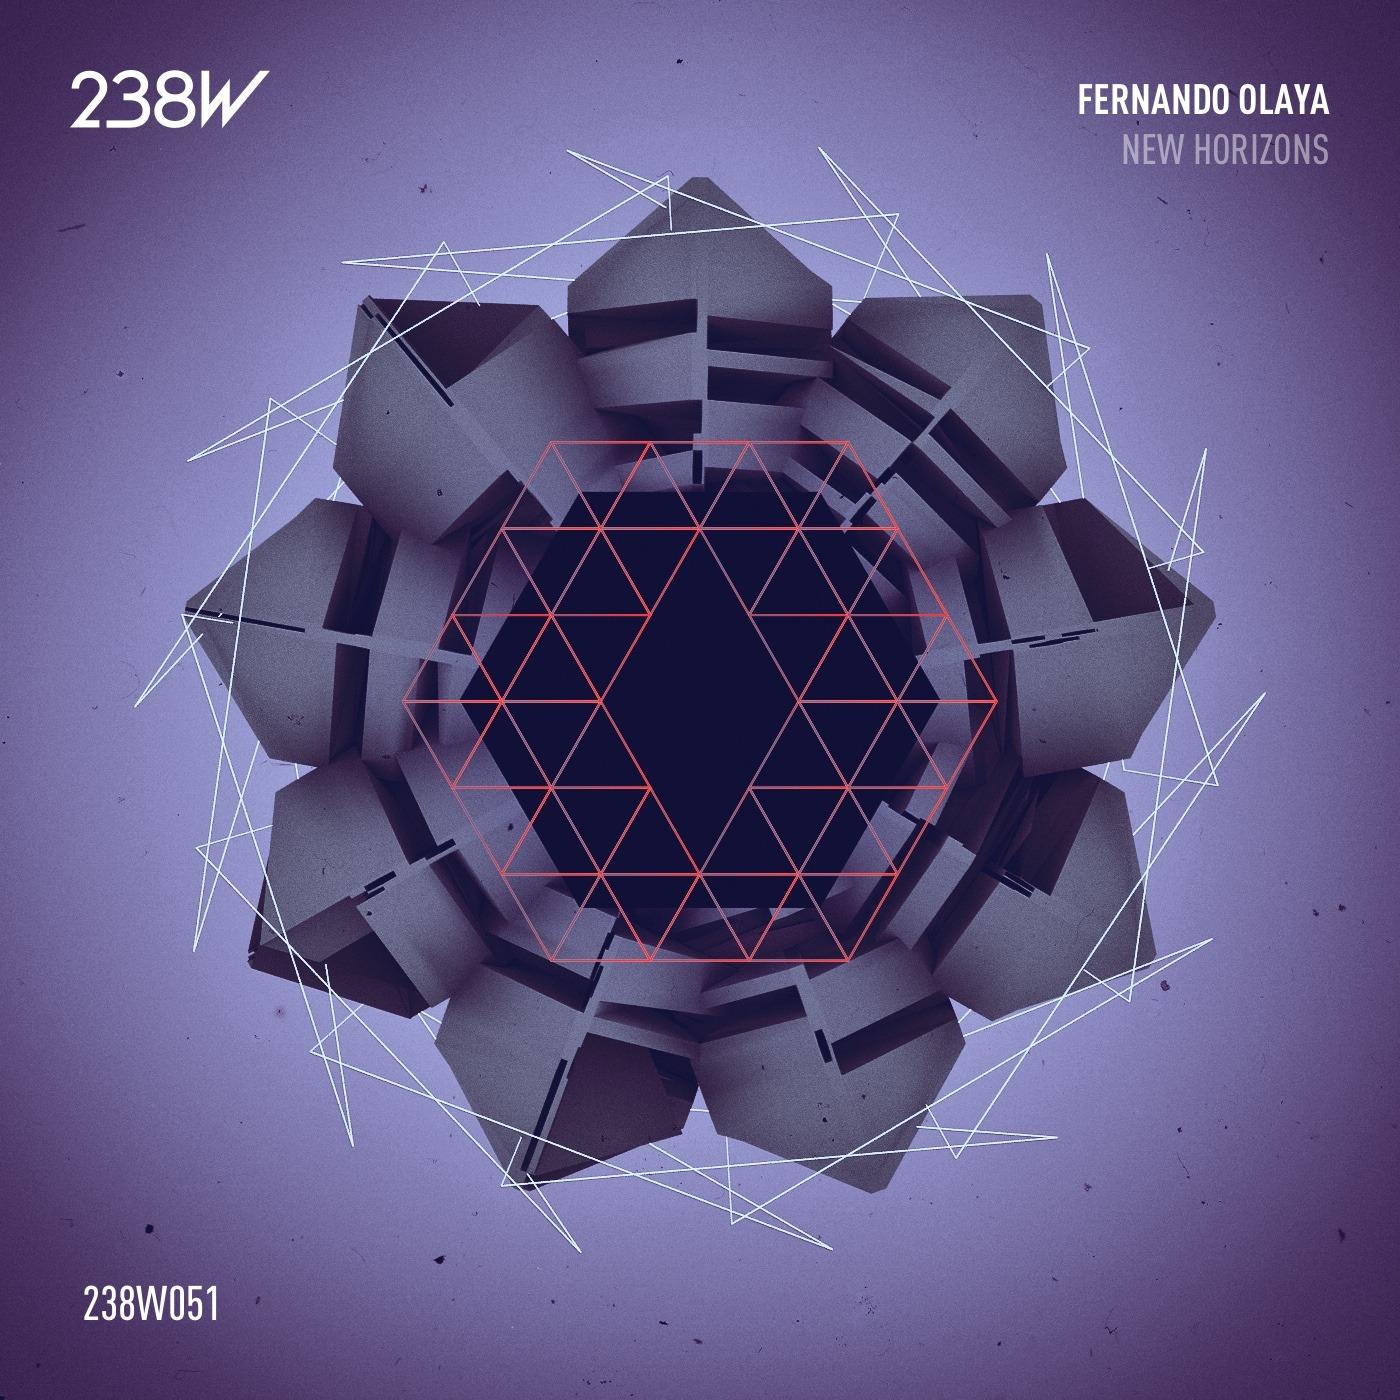 Fernando Olaya - New Horizons